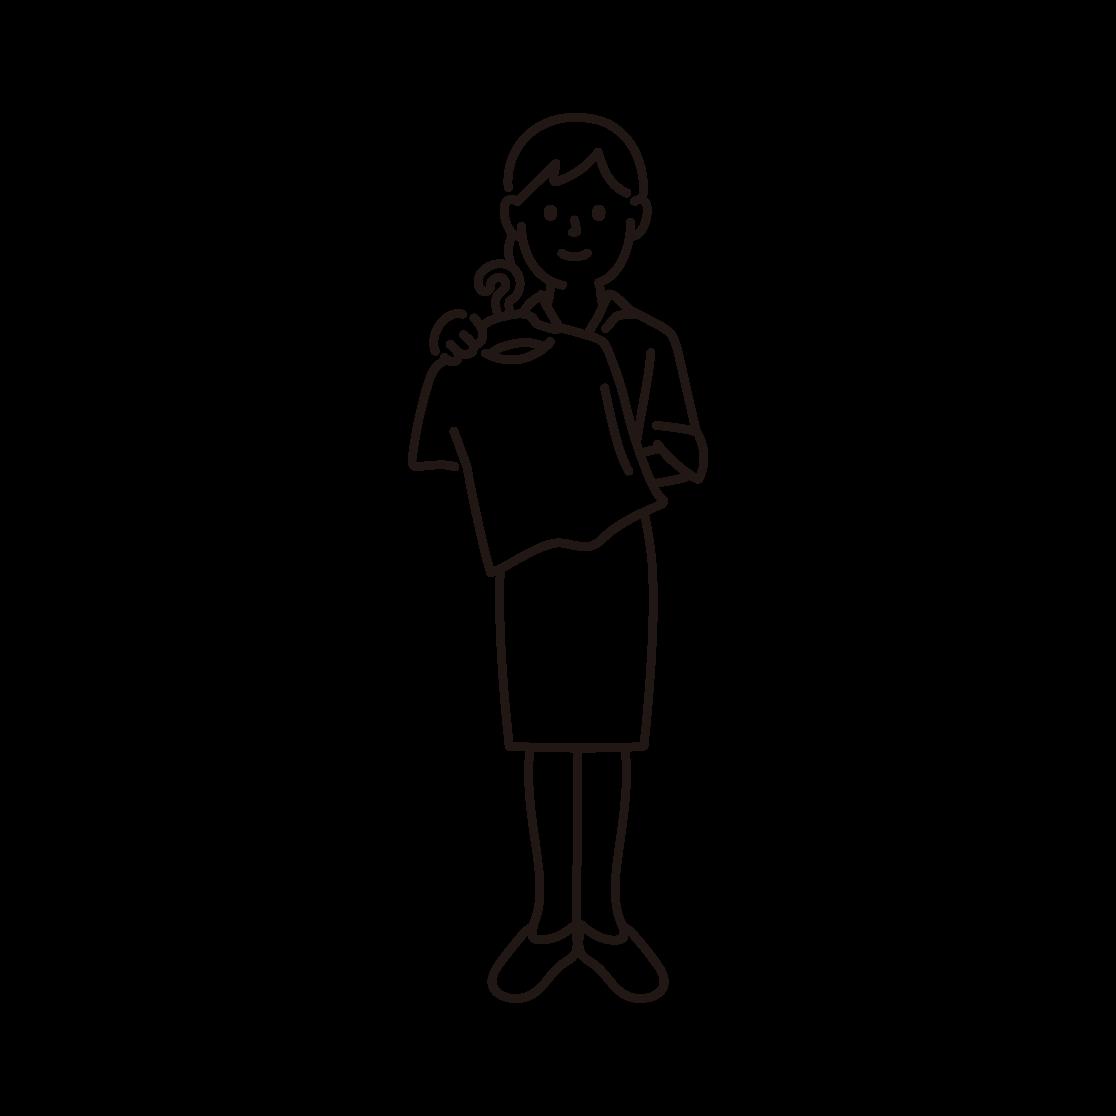 アパレル店員(女性)の線画イラスト